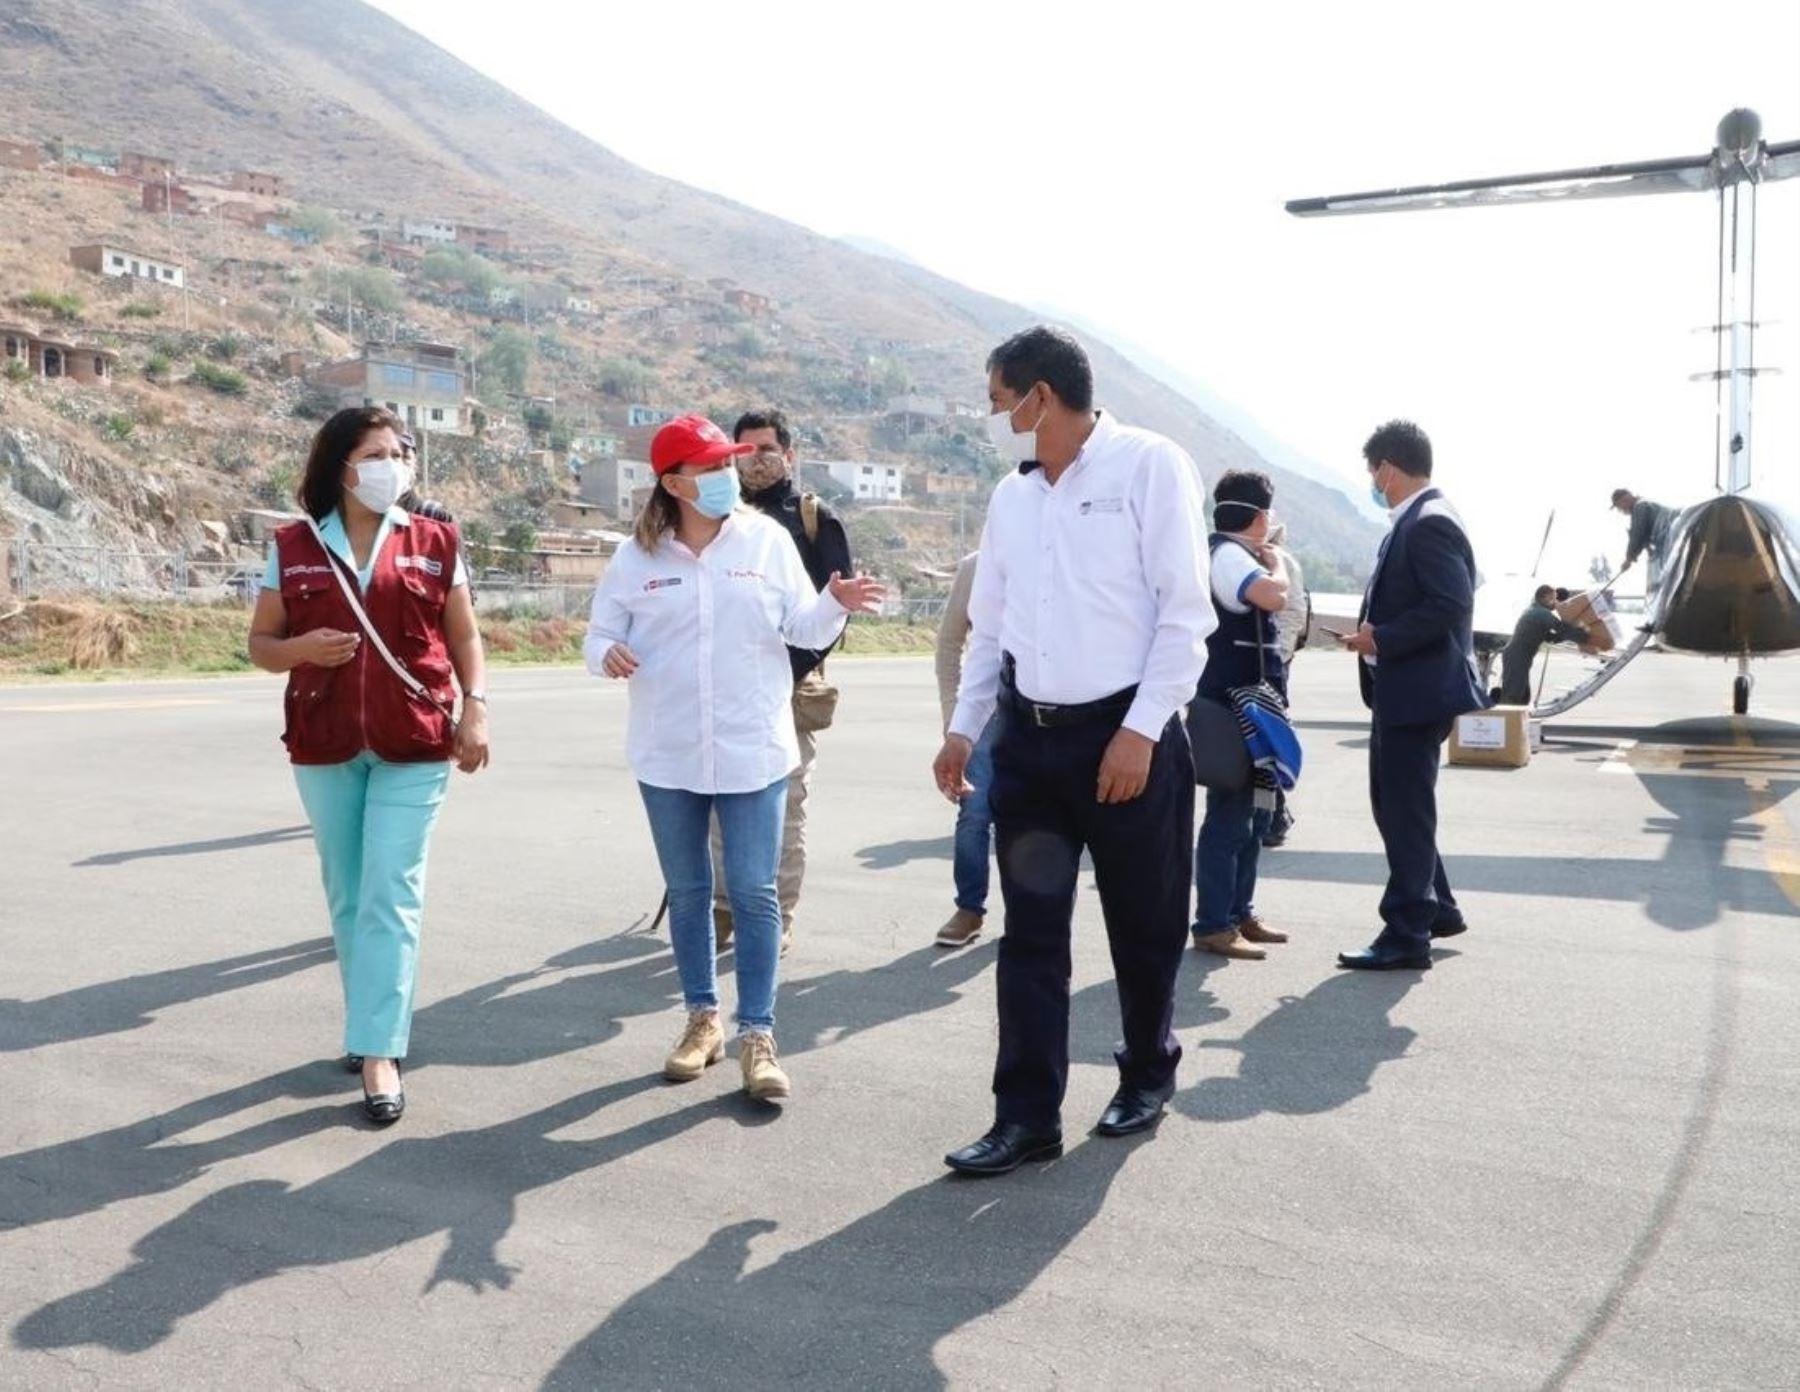 Titular del Mincetur, Rocío Barrios, visita Huánuco para impulsar acciones de salud frente al coronavirus covid-19. Foto: ANDINA/difusión.